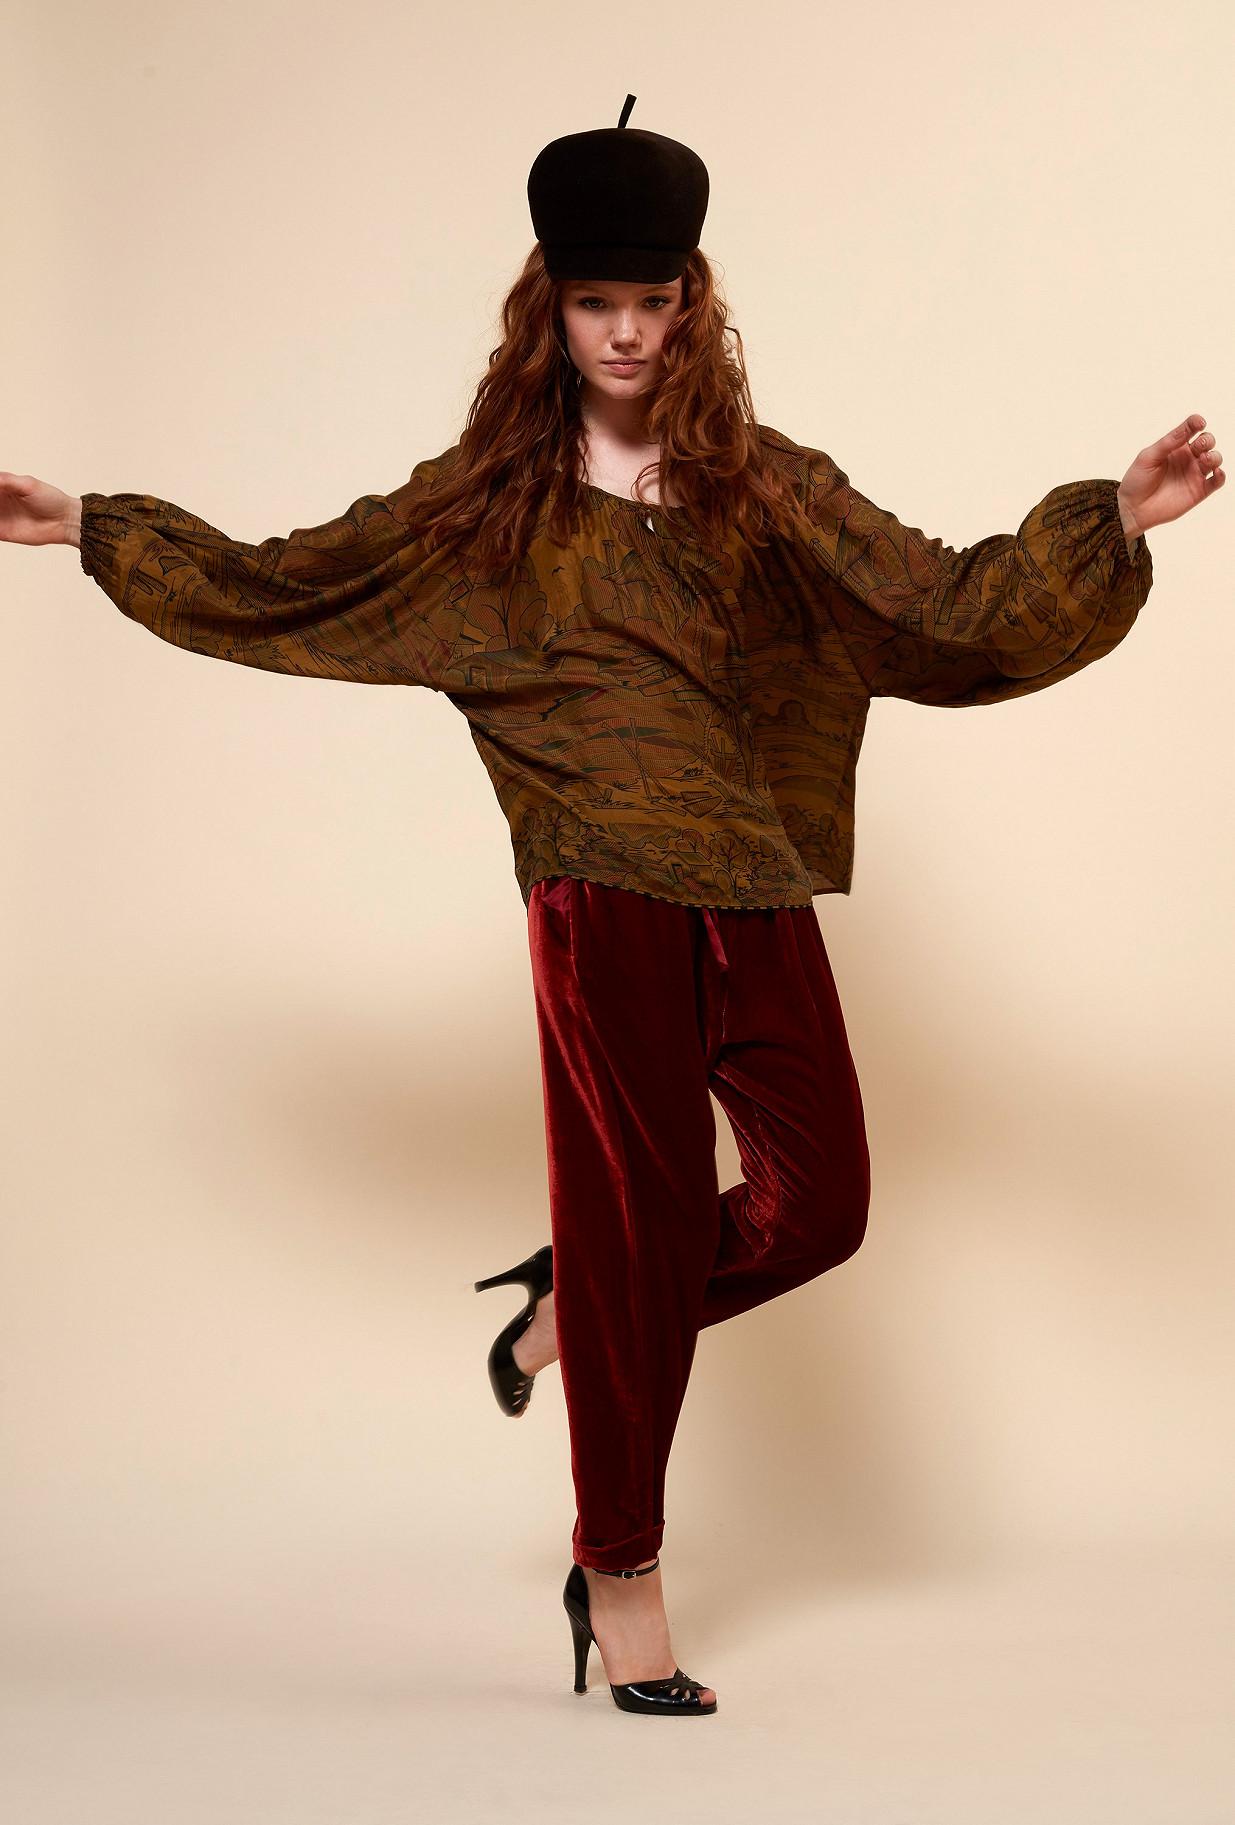 Paris boutique de mode vêtement Blouse créateur bohème  Cyd